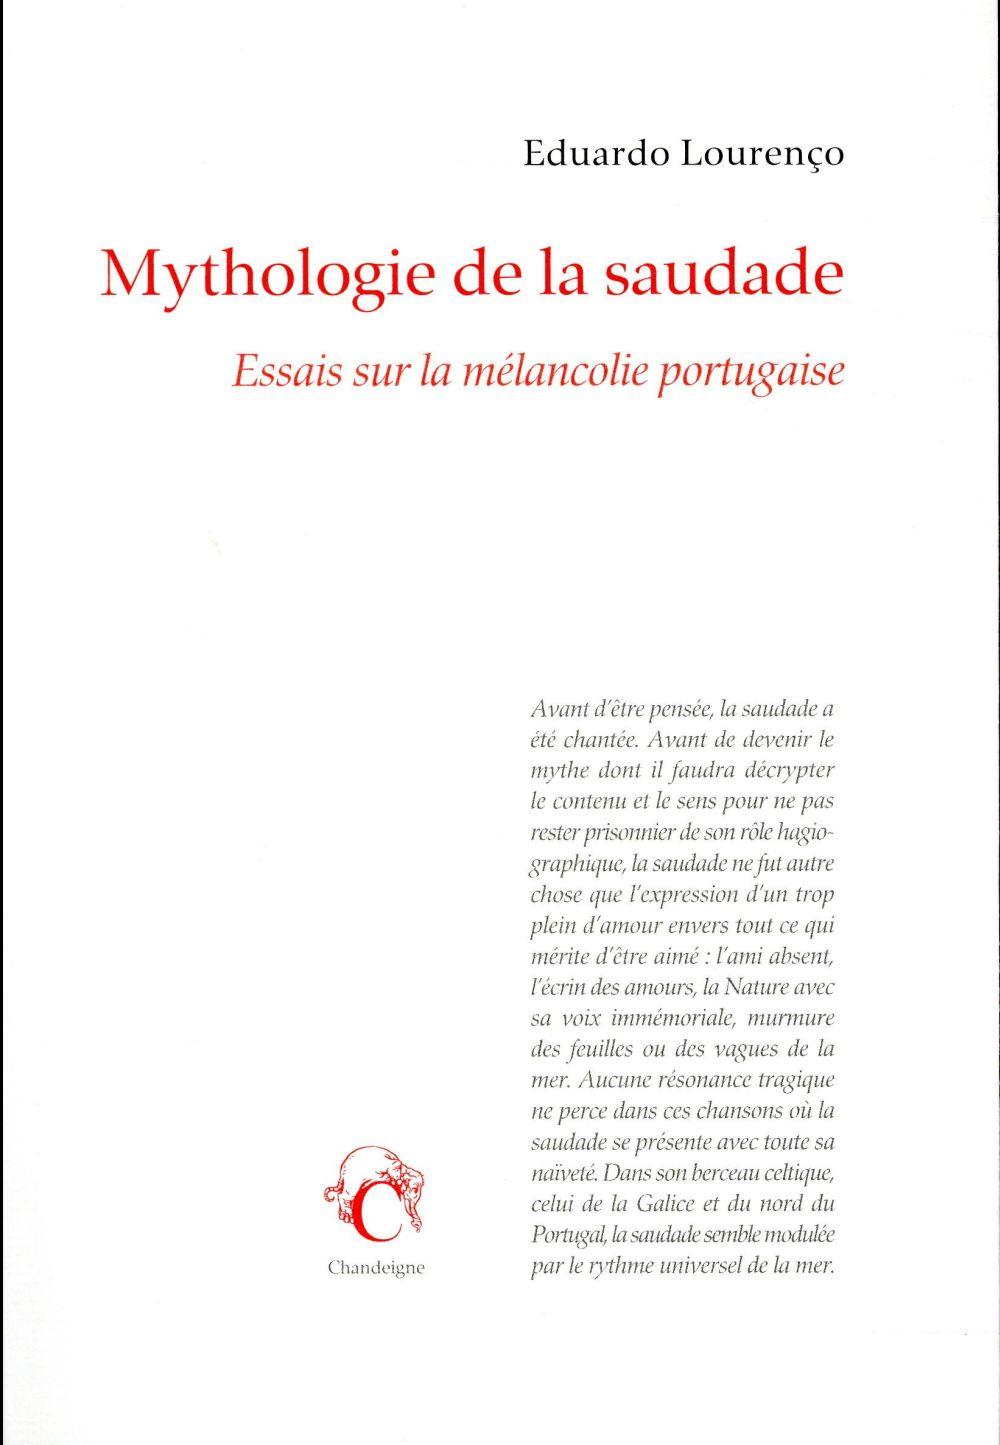 MYTHOLOGIE DE LA SAUDADE  -  ESSAIS SUR LA MELANCOLIE PORTUGAISE